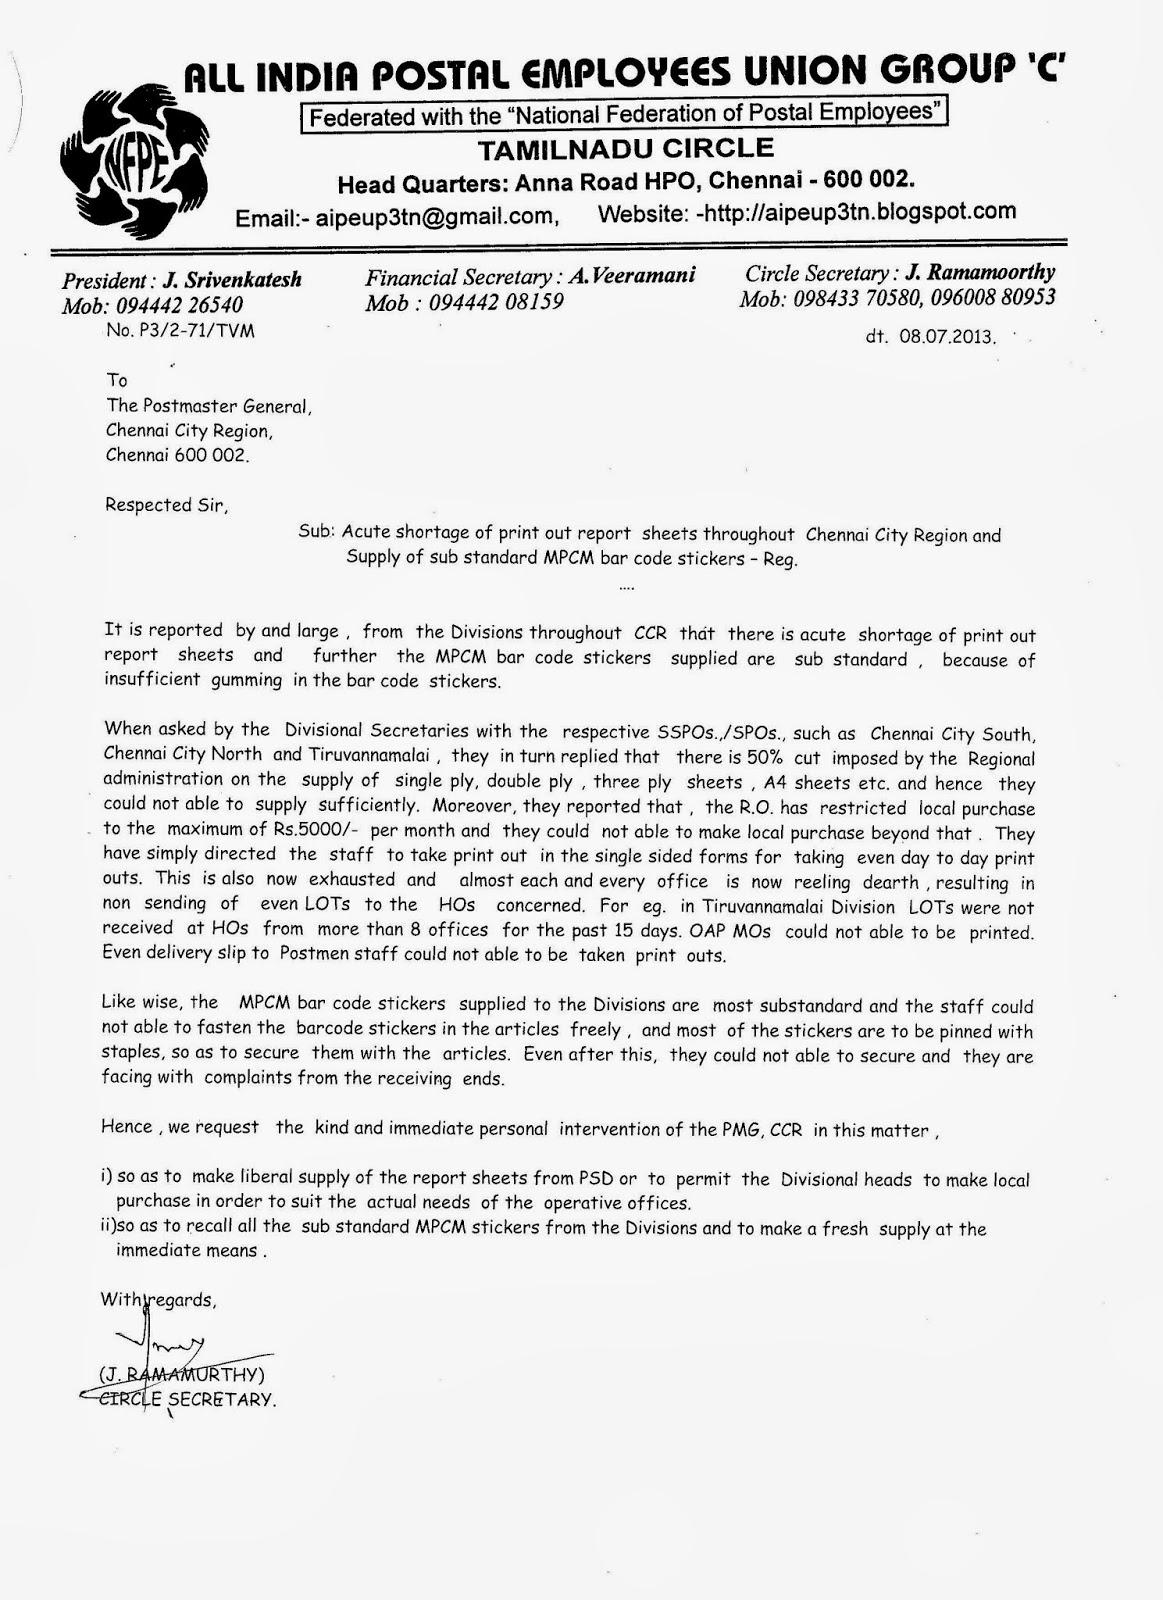 ALL INDIA POSTAL EMPLOYEES UNION GROUP C, TN CIRCLE, CHENNAI 600 002